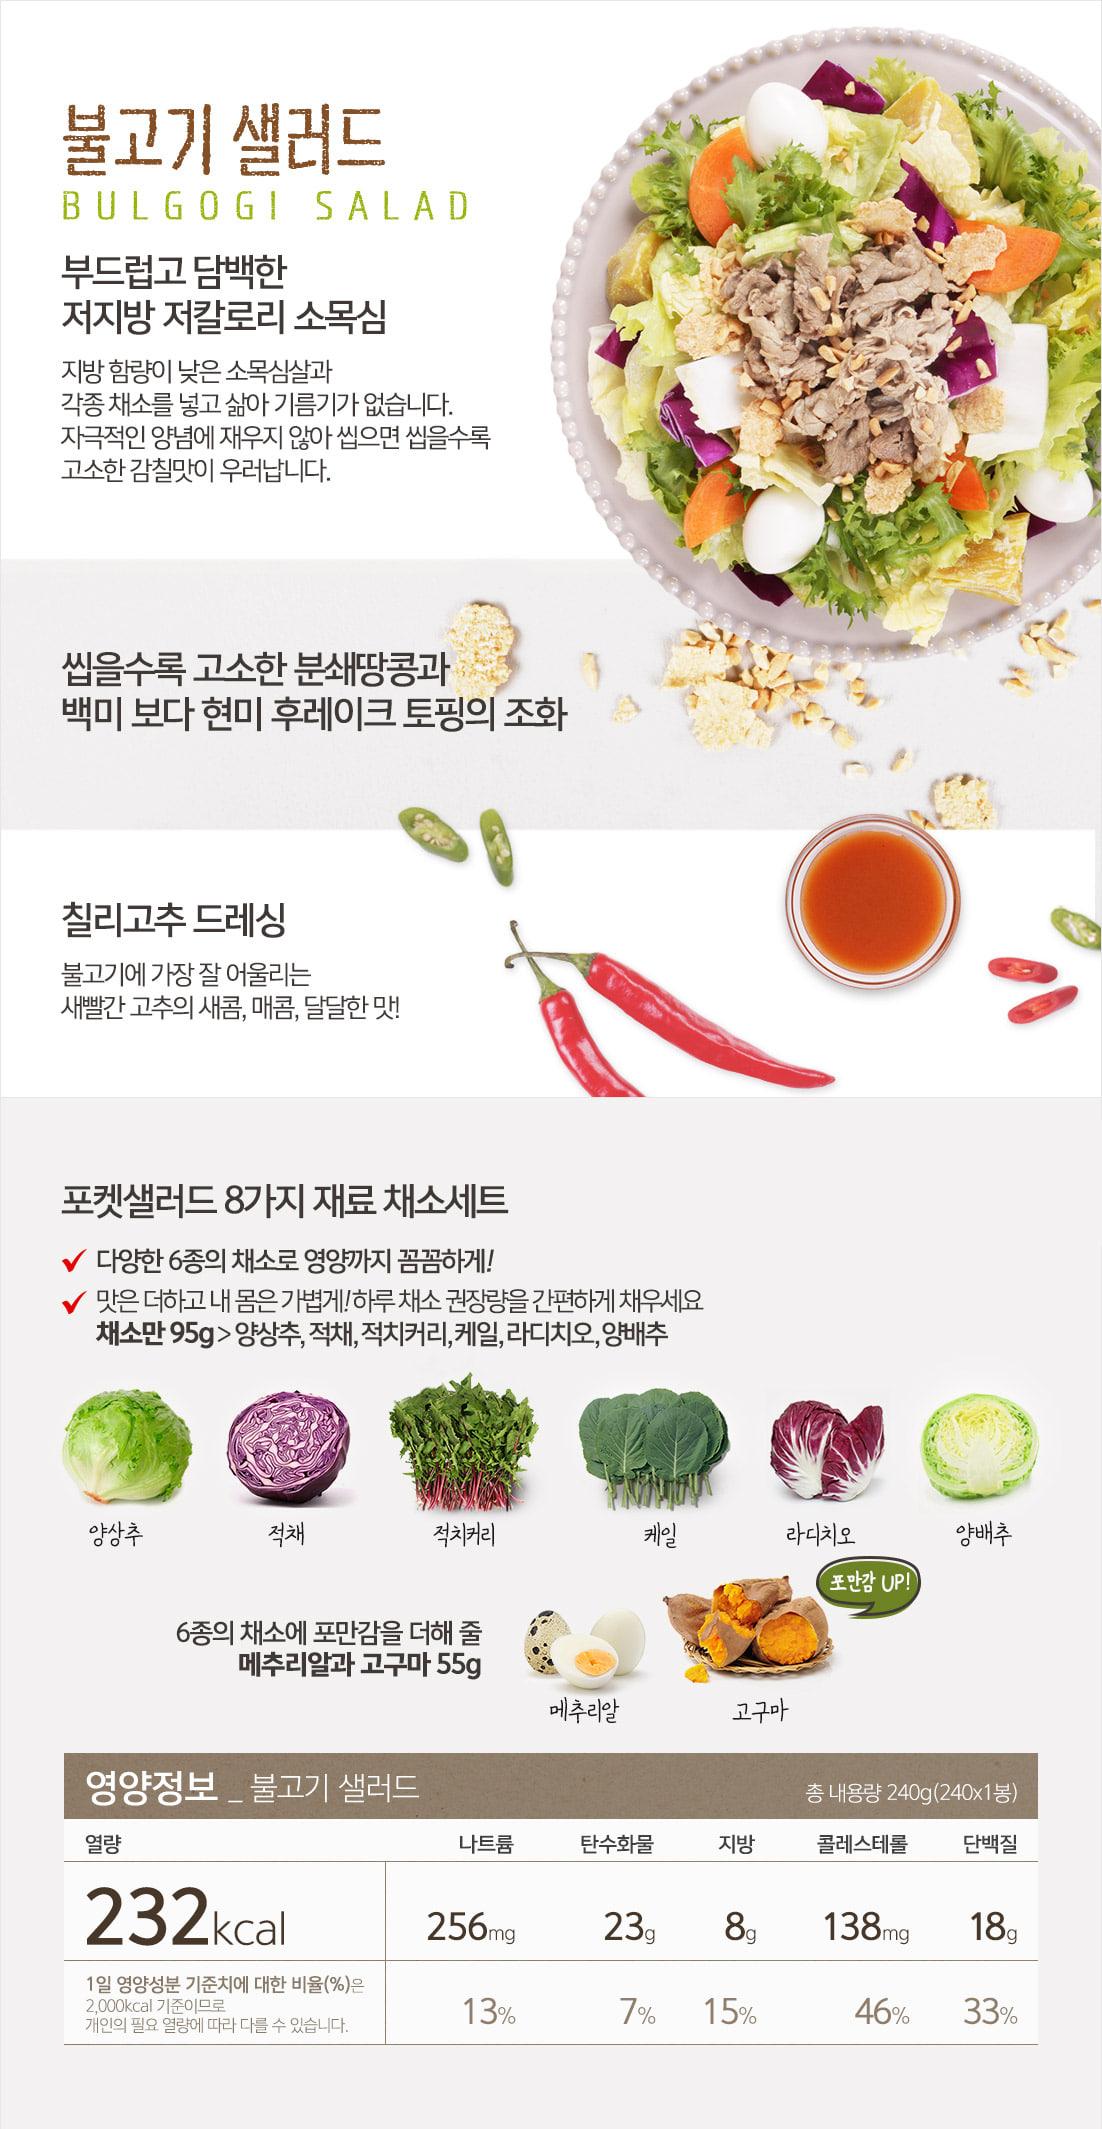 불고기_샐러드상세_재료설명